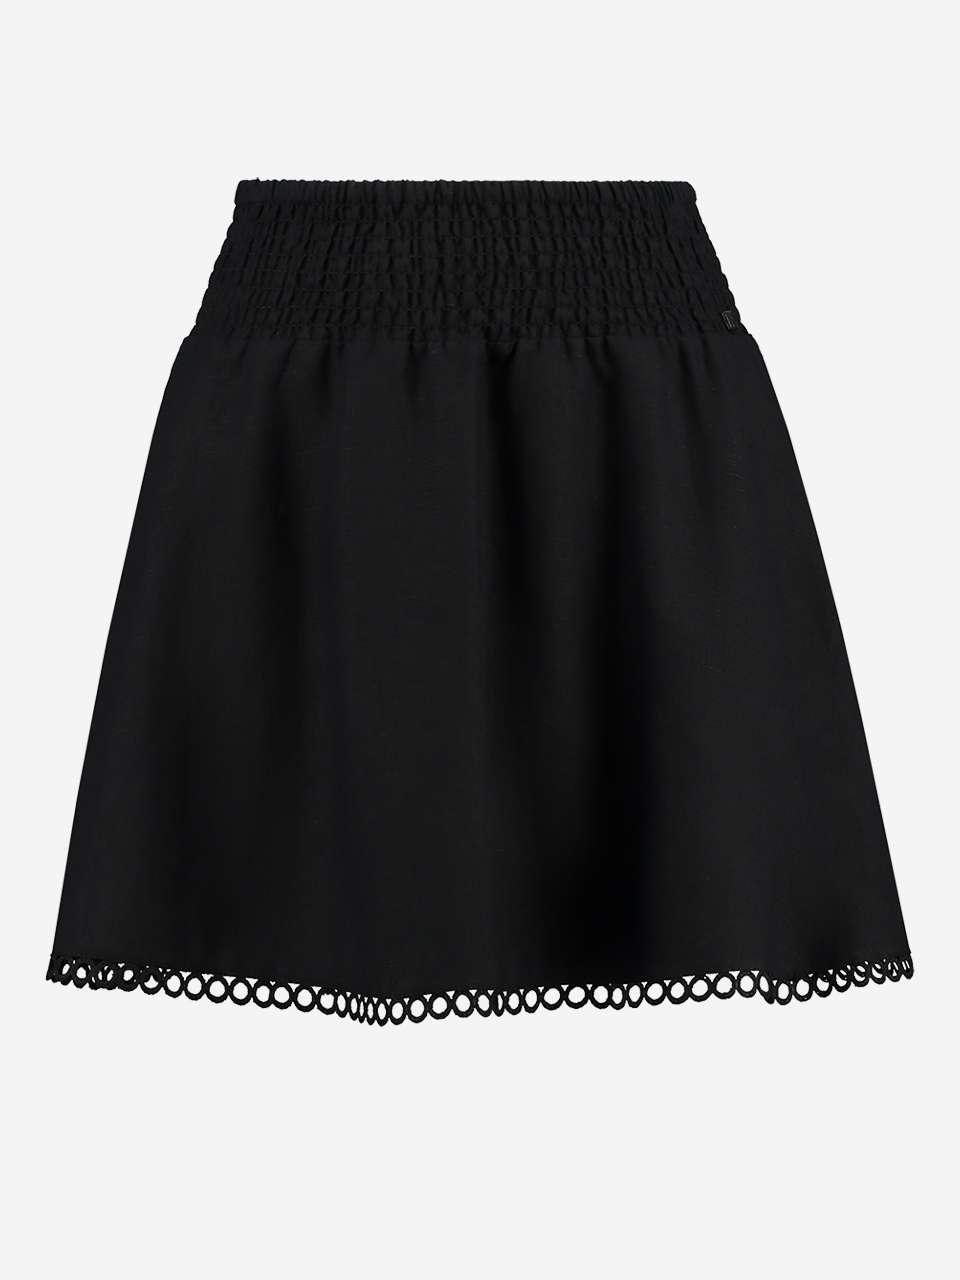 Mini-Skirt-Nikkie_3.jpg